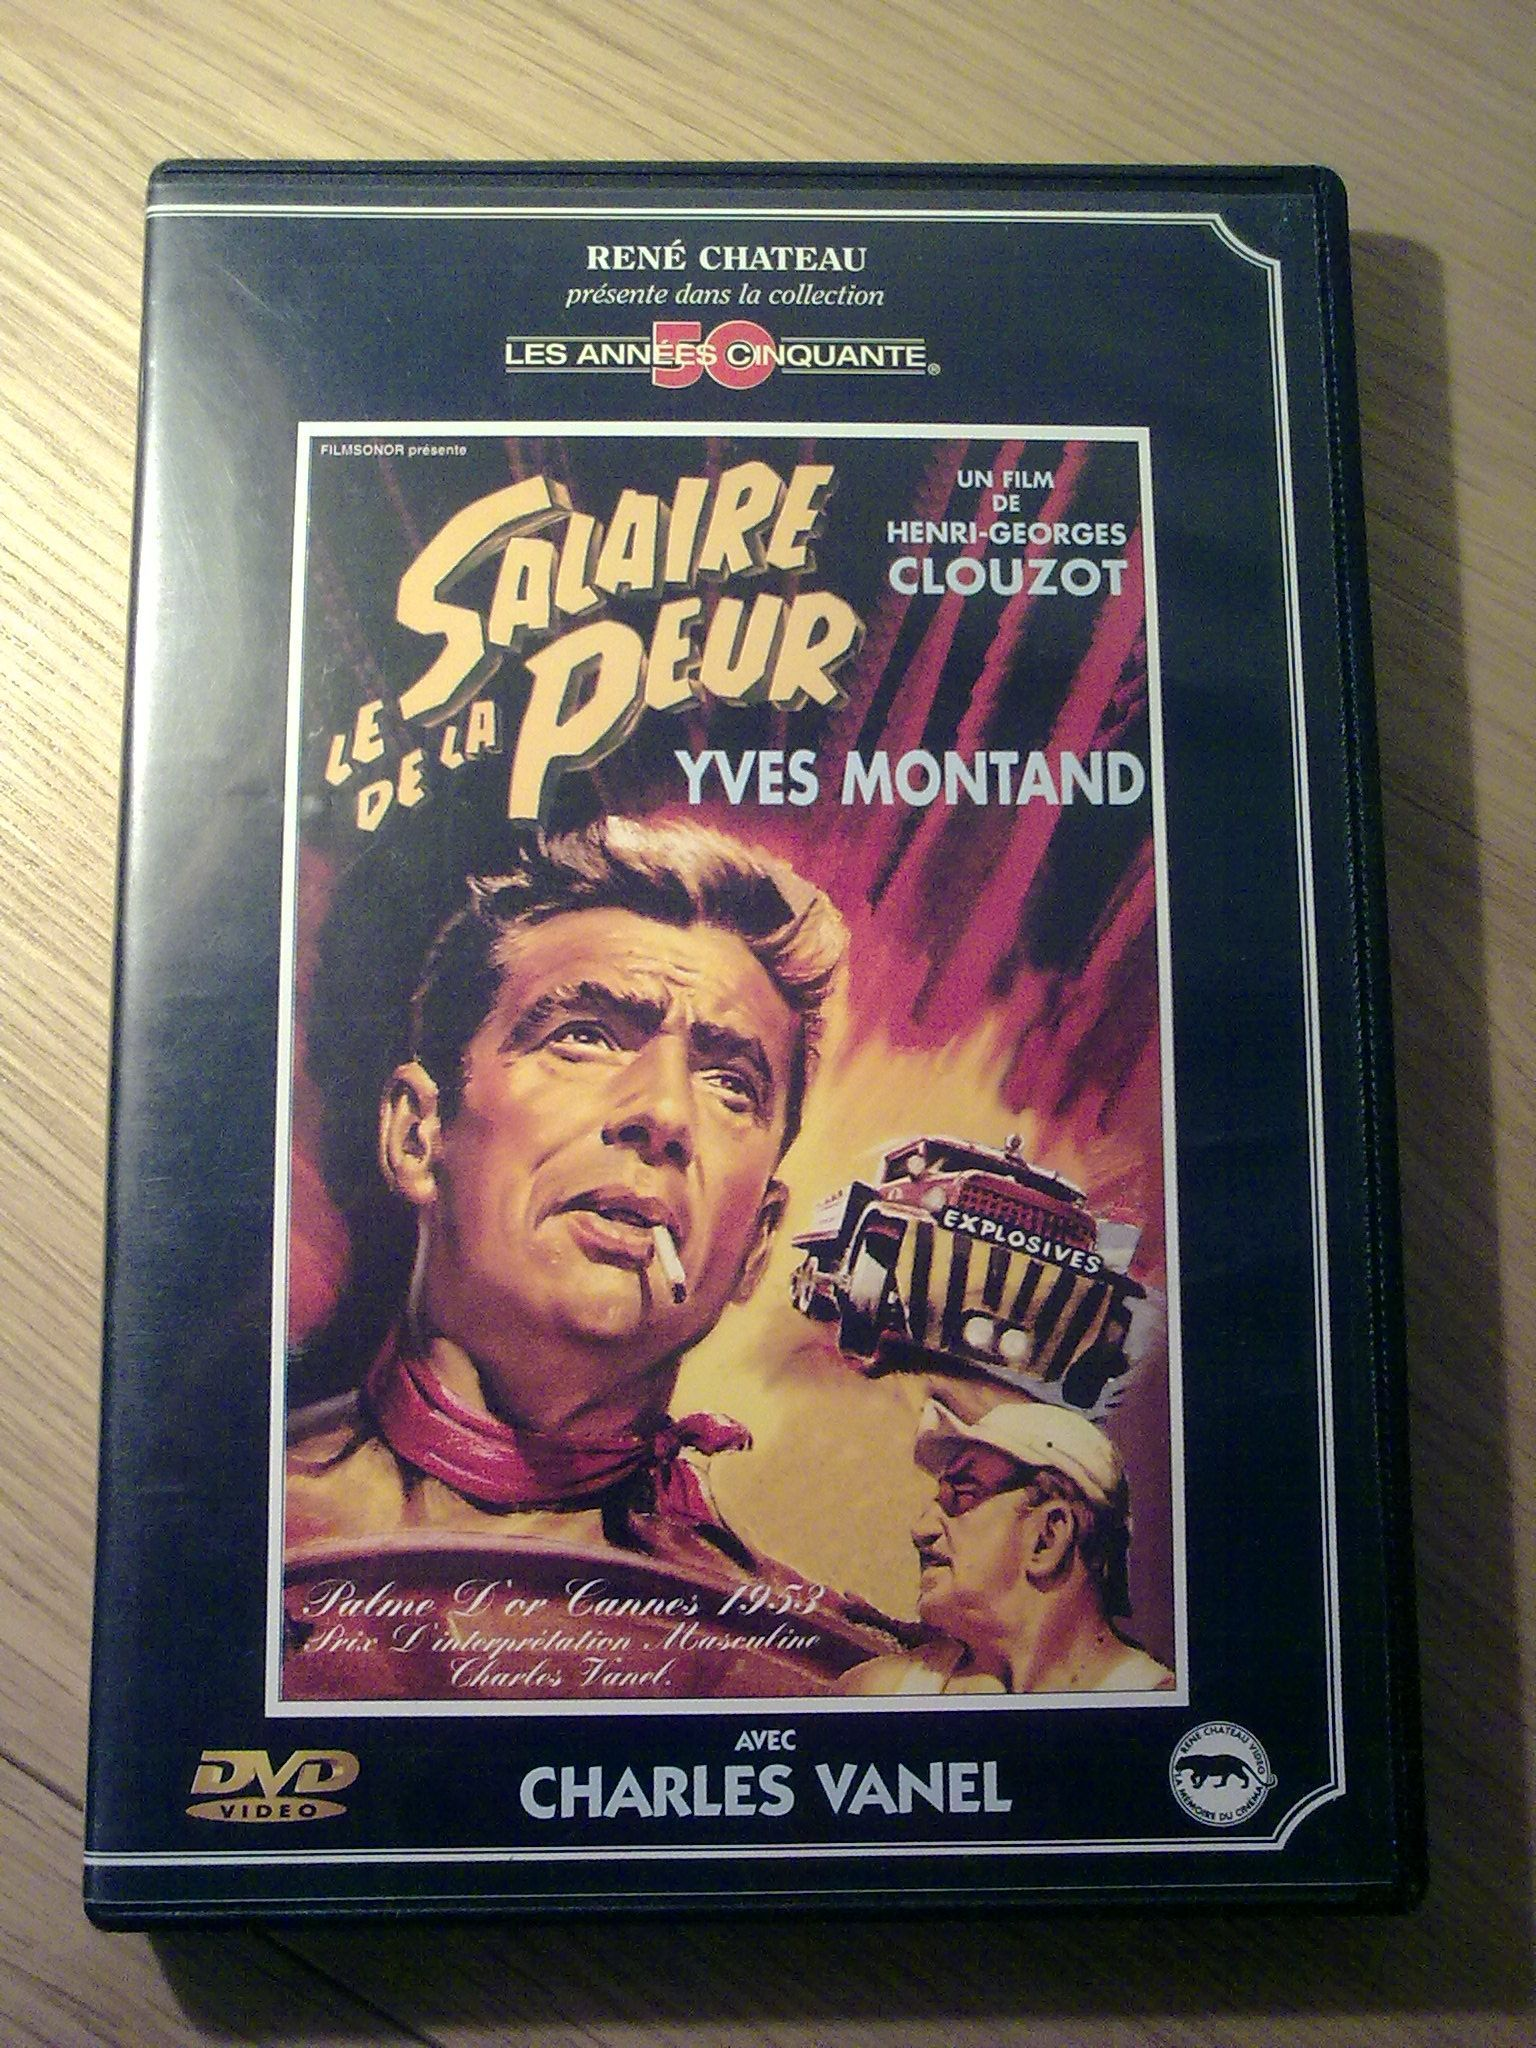 Blog de elpresse : ELVIS ET LE ROCKABILLY, Festival de Cannes 1953